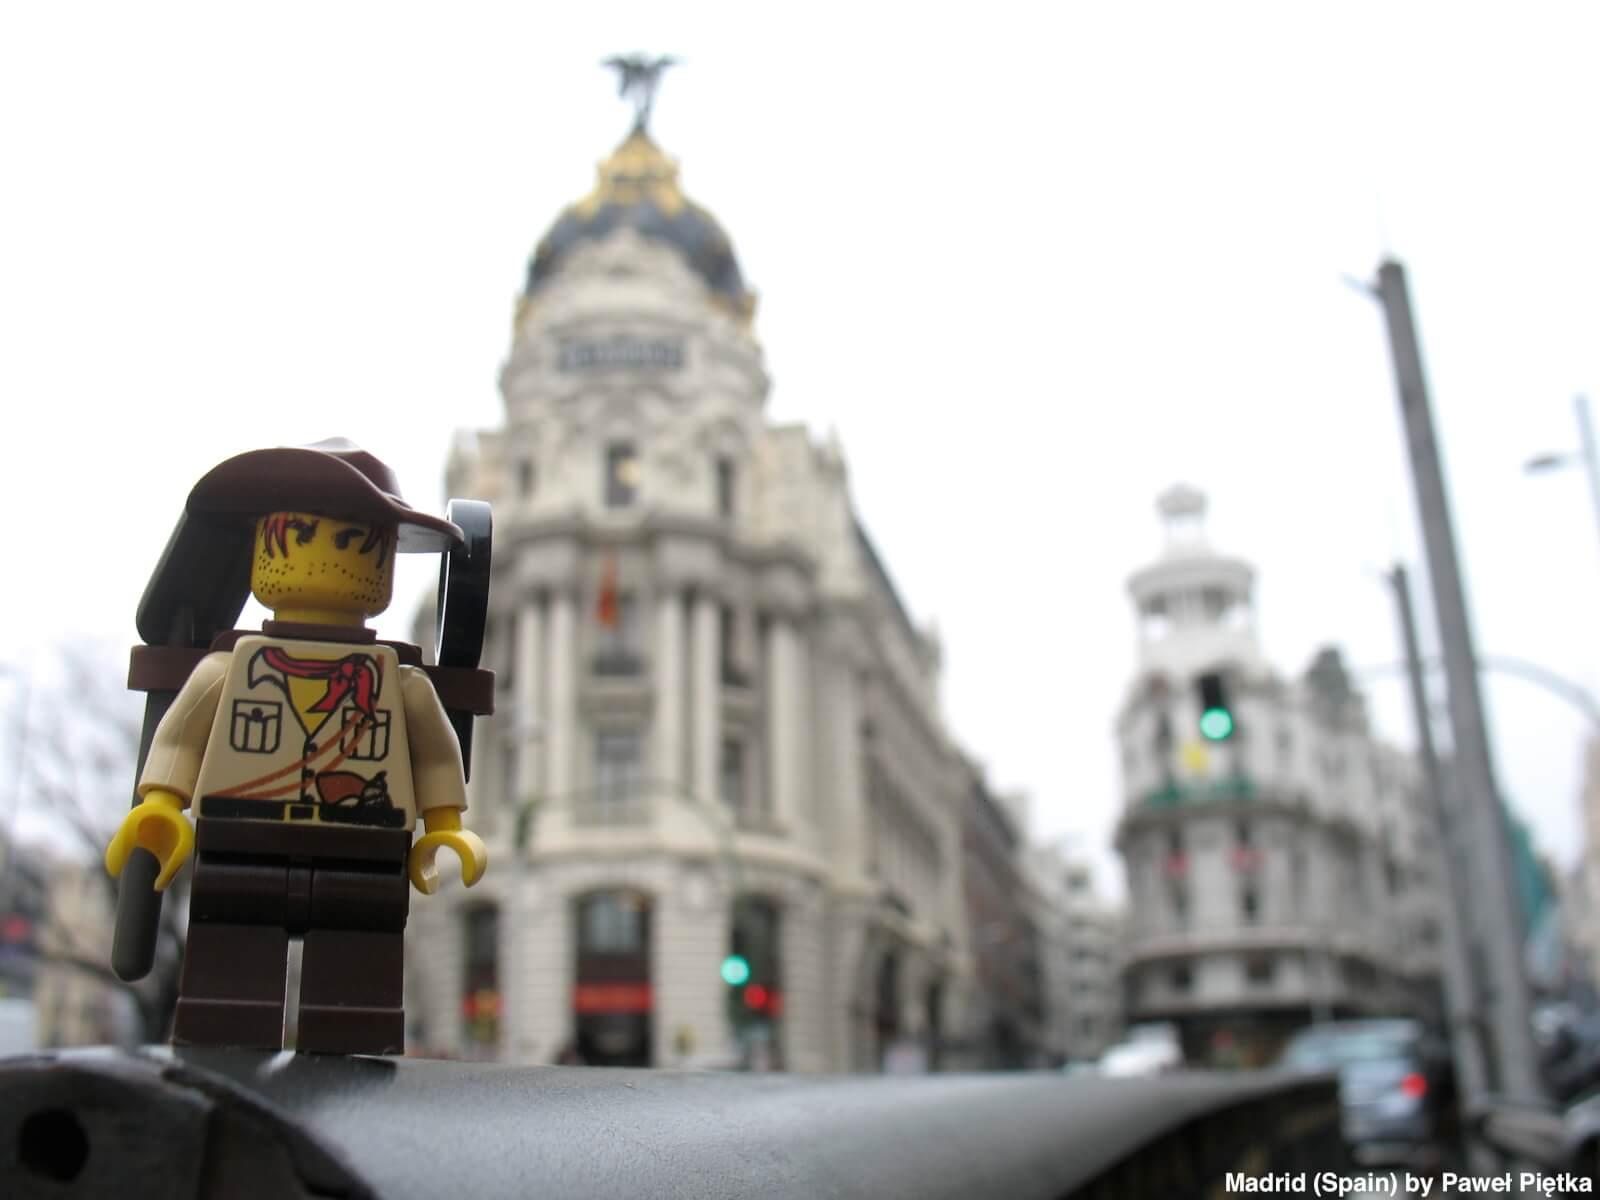 Madrid (Spain) - Metropolis Building